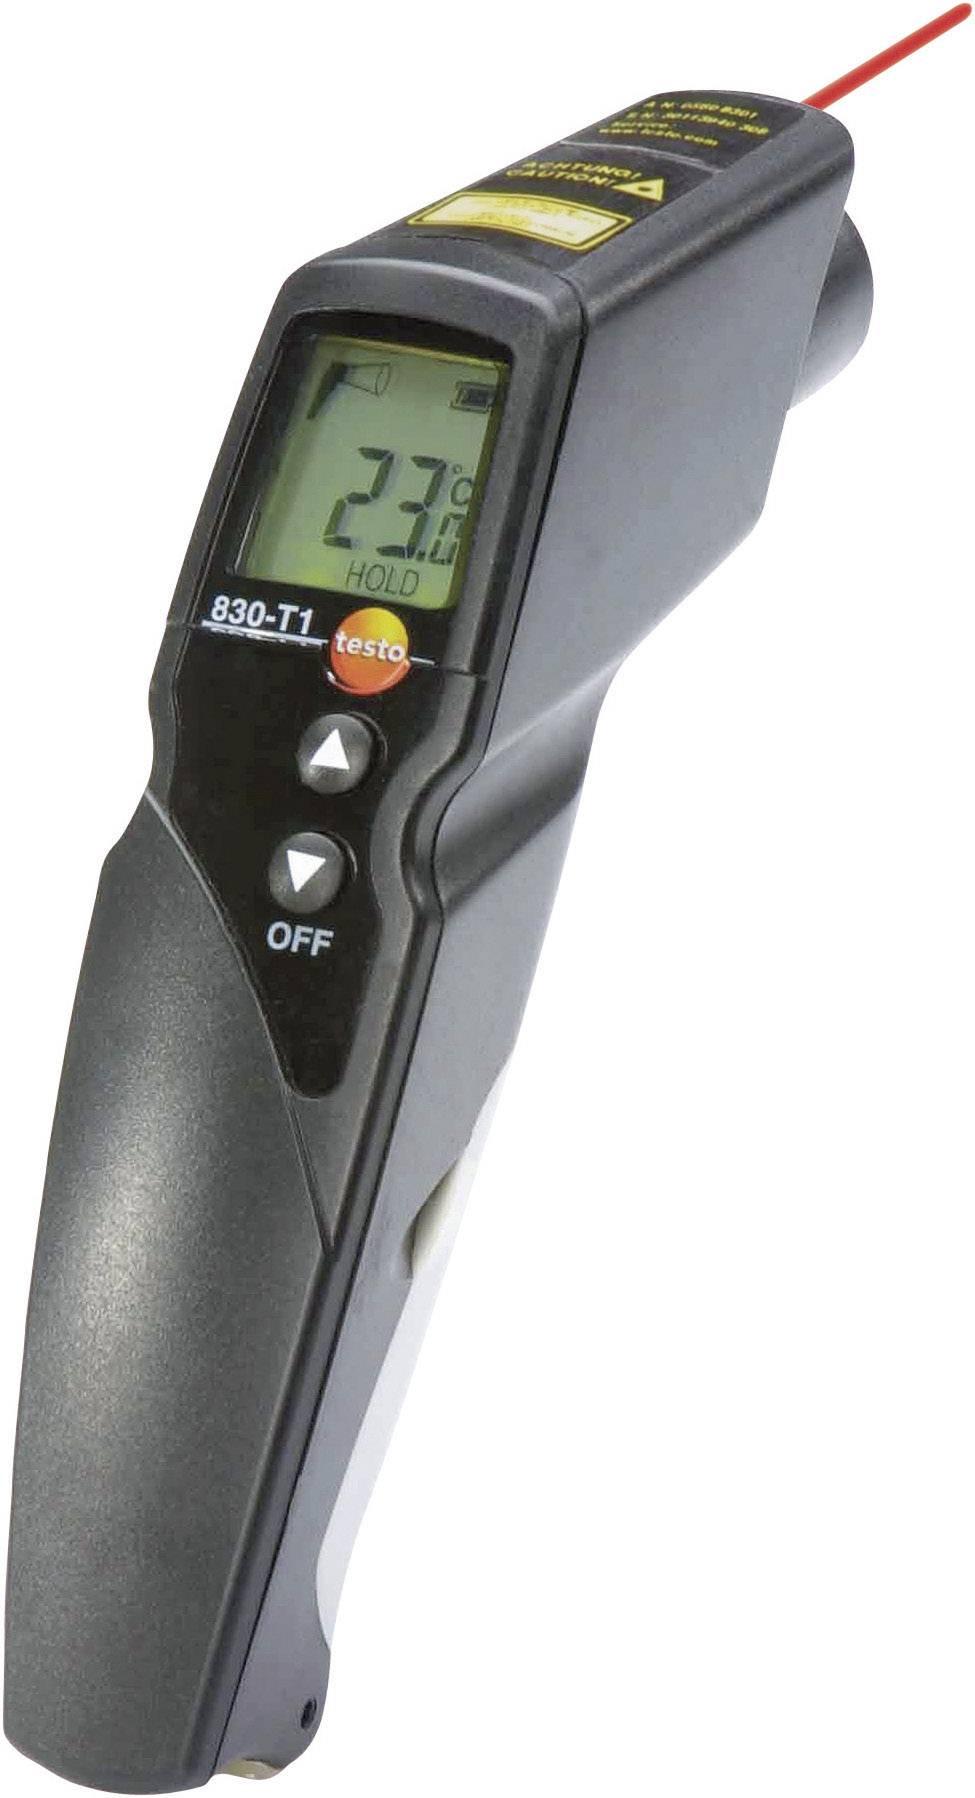 IR teplomer testo 830-T1, -30 až +400 °C